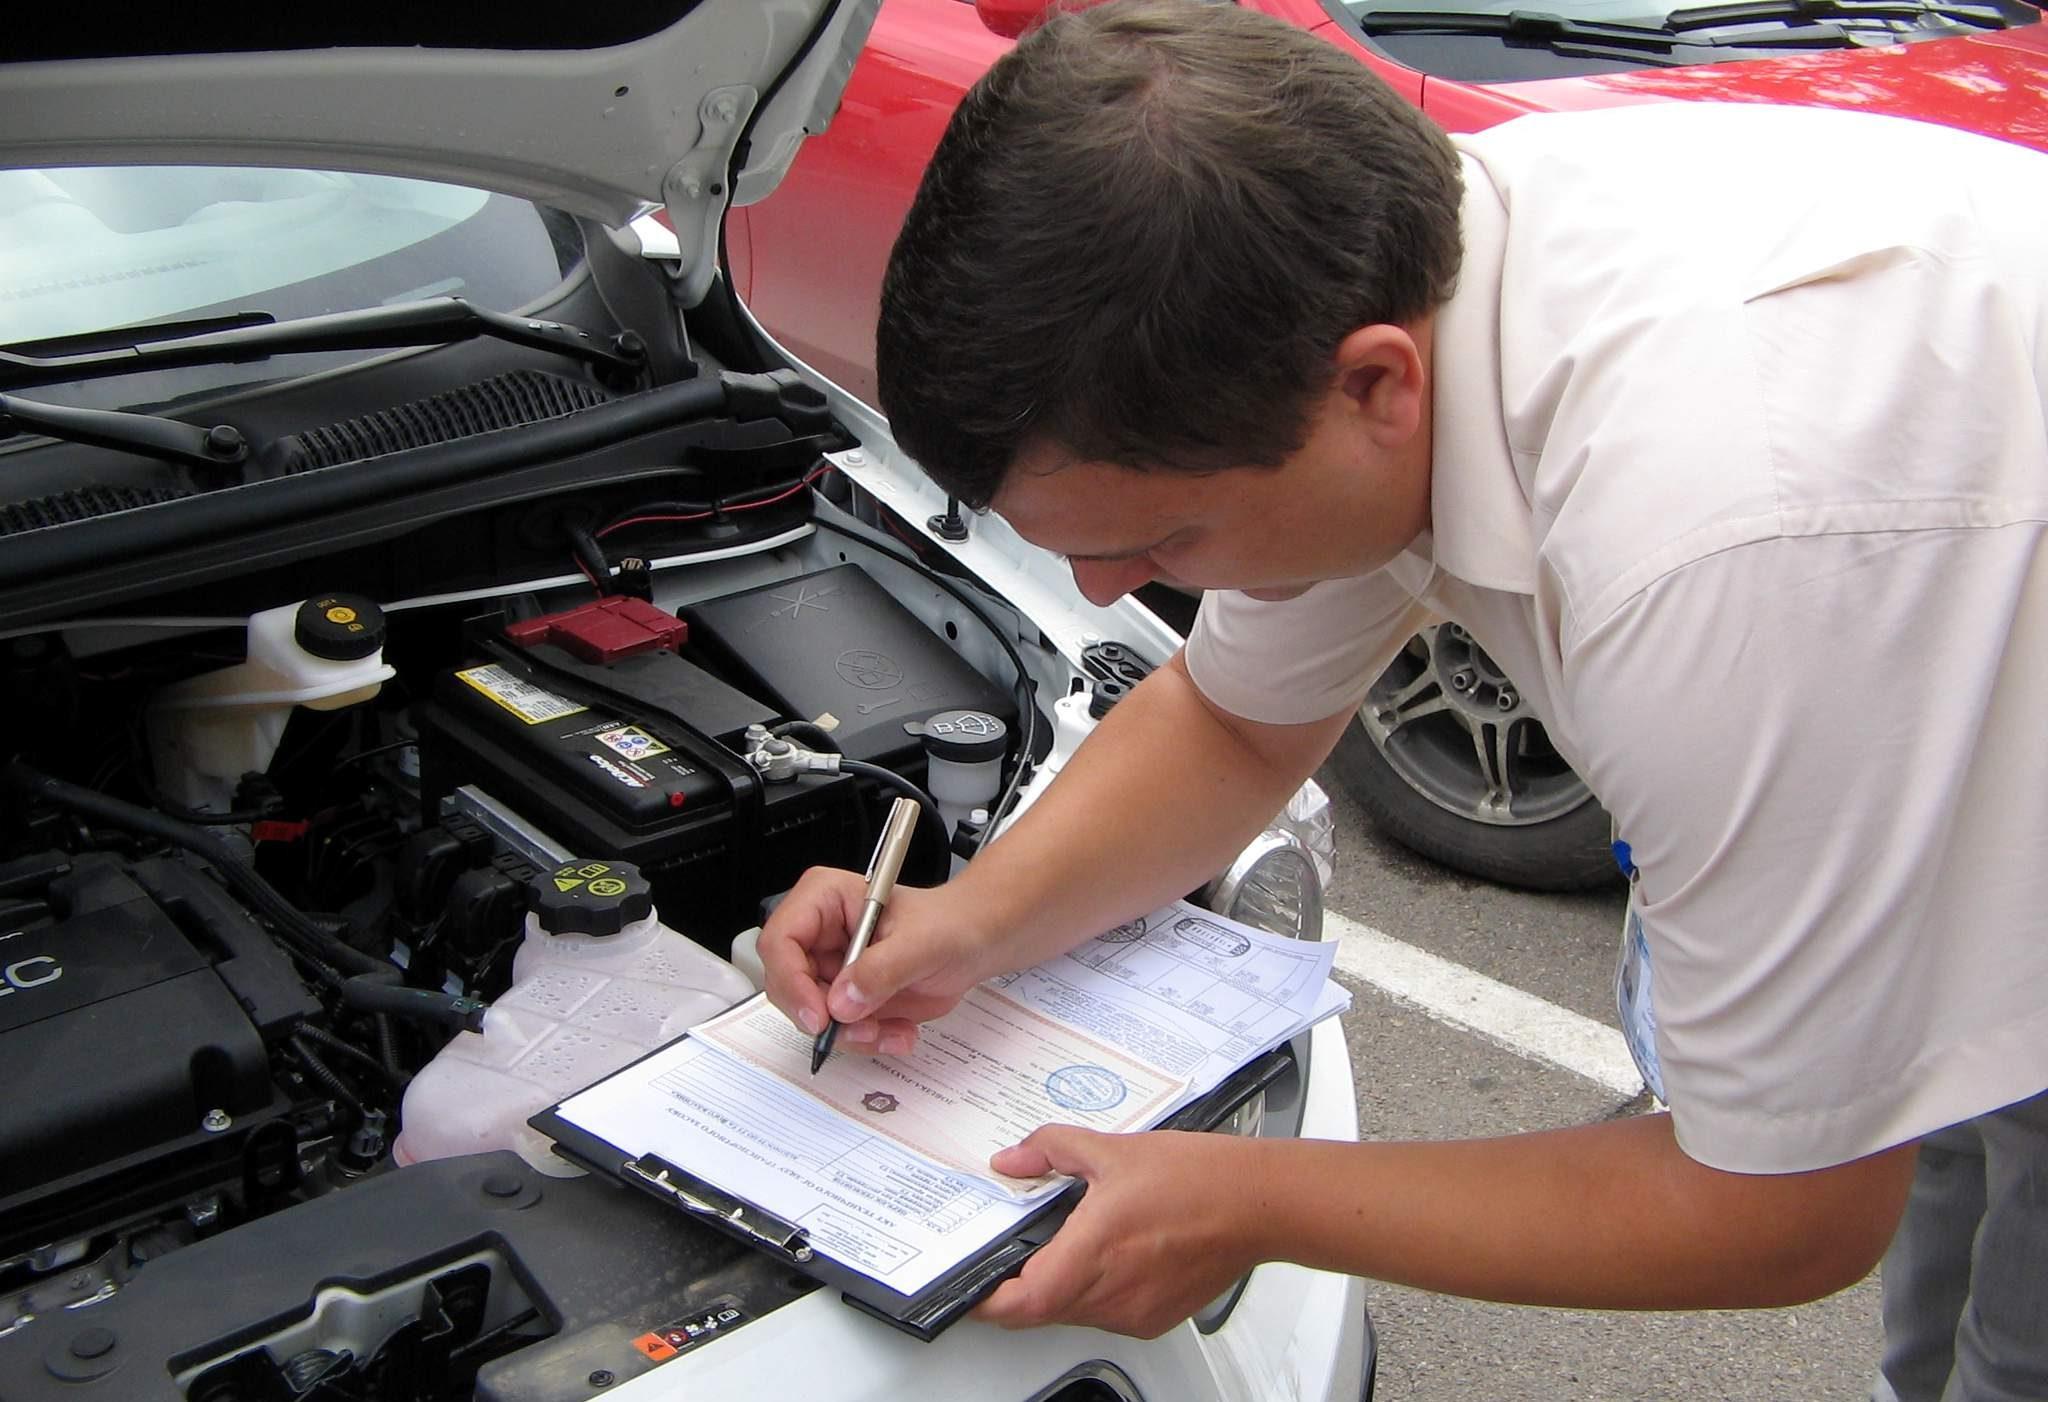 Мужчина возле машины подписывает документы